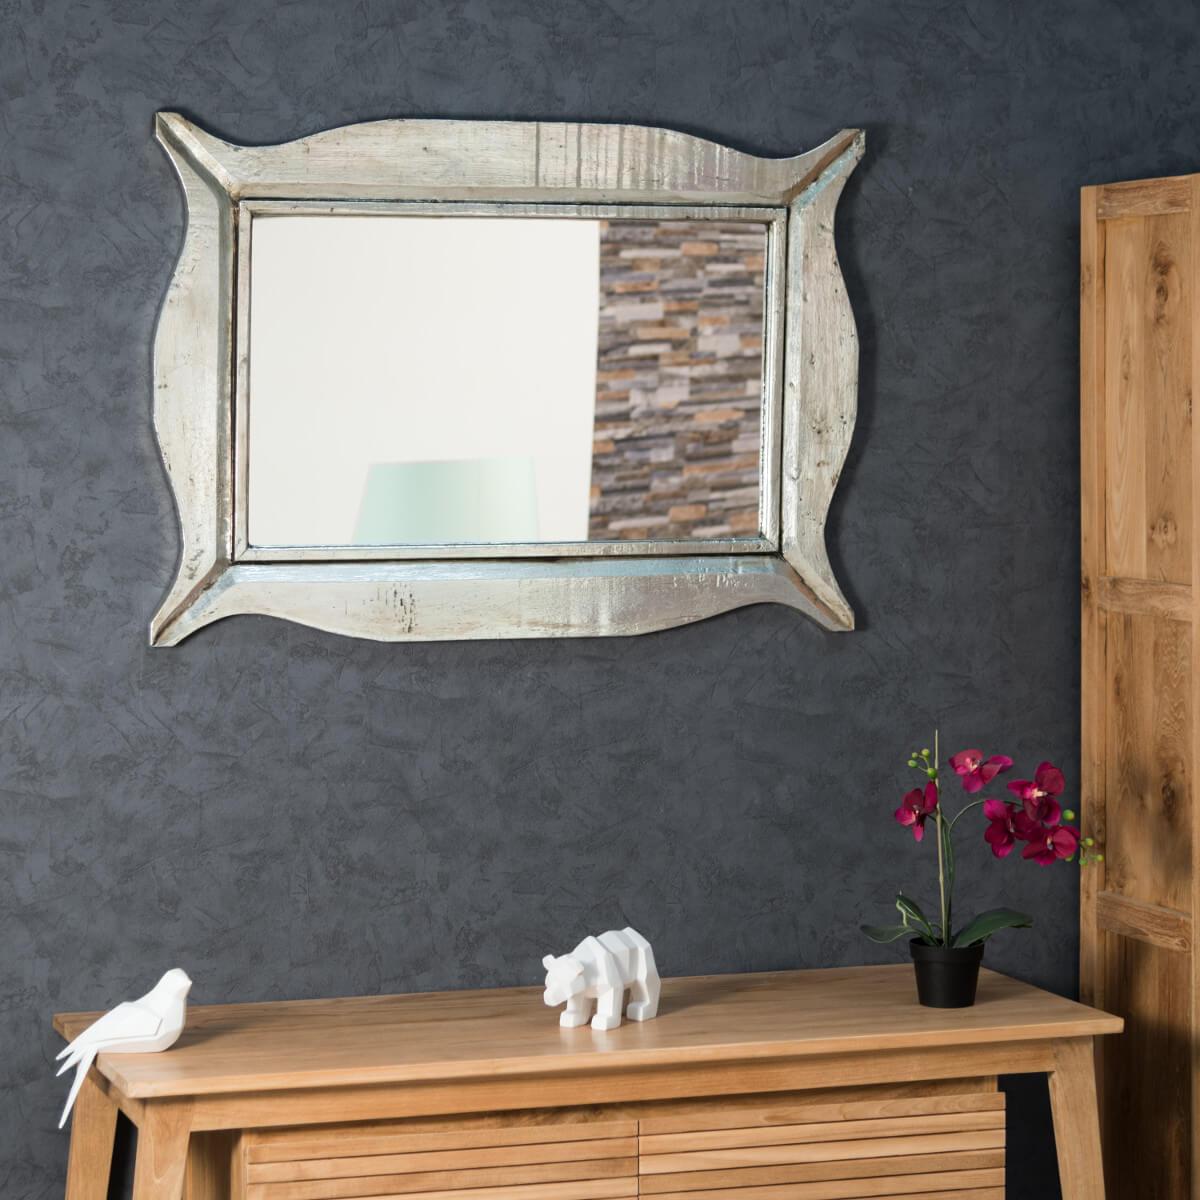 miroir de d coration en bois massif moderne rectangulaire bois patin argent d 70 x 100 cm. Black Bedroom Furniture Sets. Home Design Ideas